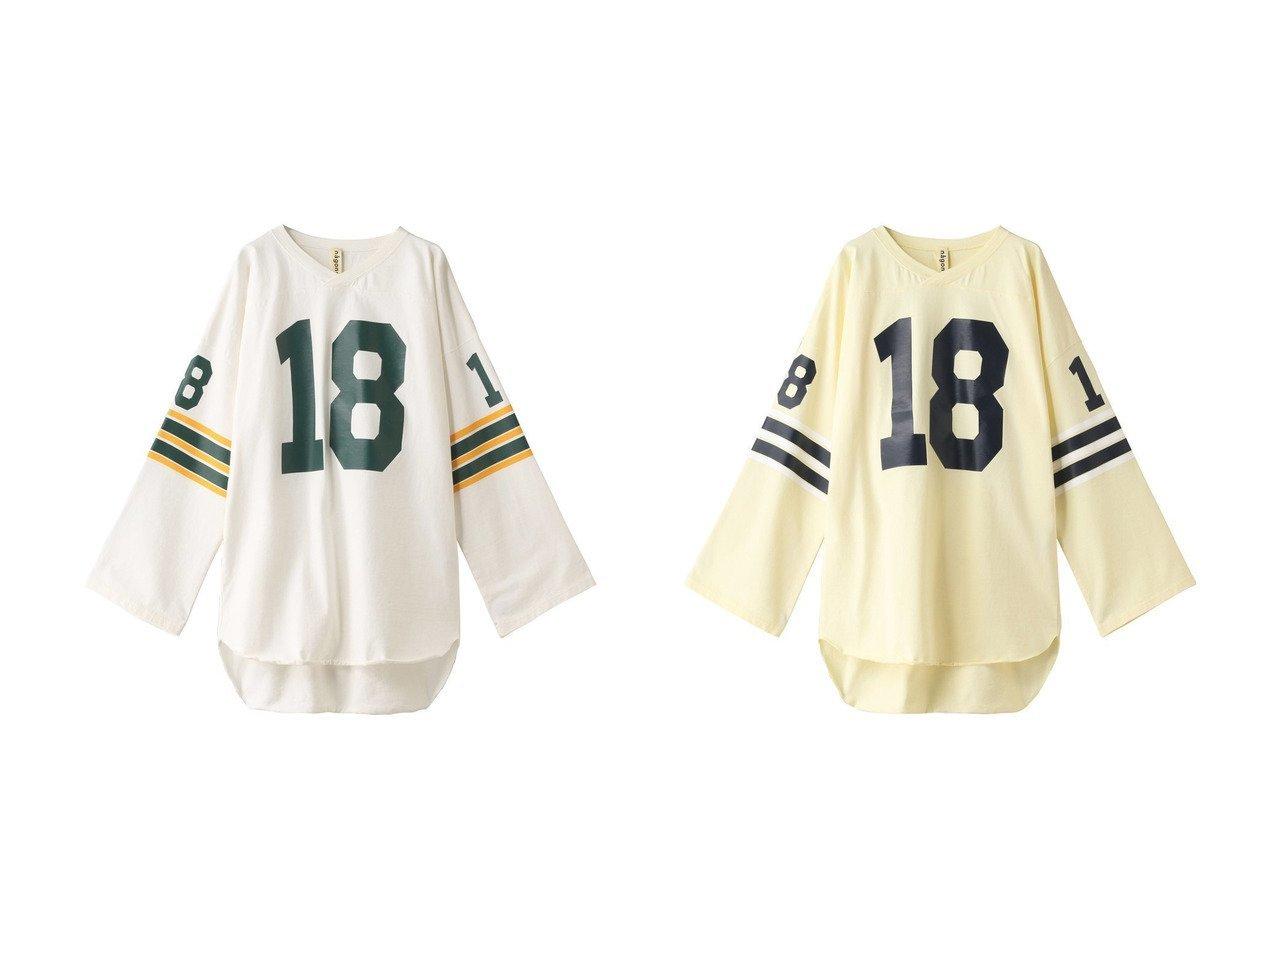 【nagonstans/ナゴンスタンス】のHeavy Jersey Football ロングTシャツ nagonstansのおすすめ!人気、トレンド・レディースファッションの通販 おすすめで人気の流行・トレンド、ファッションの通販商品 メンズファッション・キッズファッション・インテリア・家具・レディースファッション・服の通販 founy(ファニー) https://founy.com/ ファッション Fashion レディースファッション WOMEN トップス Tops Tshirt シャツ/ブラウス Shirts Blouses ロング / Tシャツ T-Shirts カットソー Cut and Sewn 2021年 2021 2021 春夏 S/S SS Spring/Summer 2021 S/S 春夏 SS Spring/Summer スポーティ スリーブ ロング 春 Spring 長袖 |ID:crp329100000016660